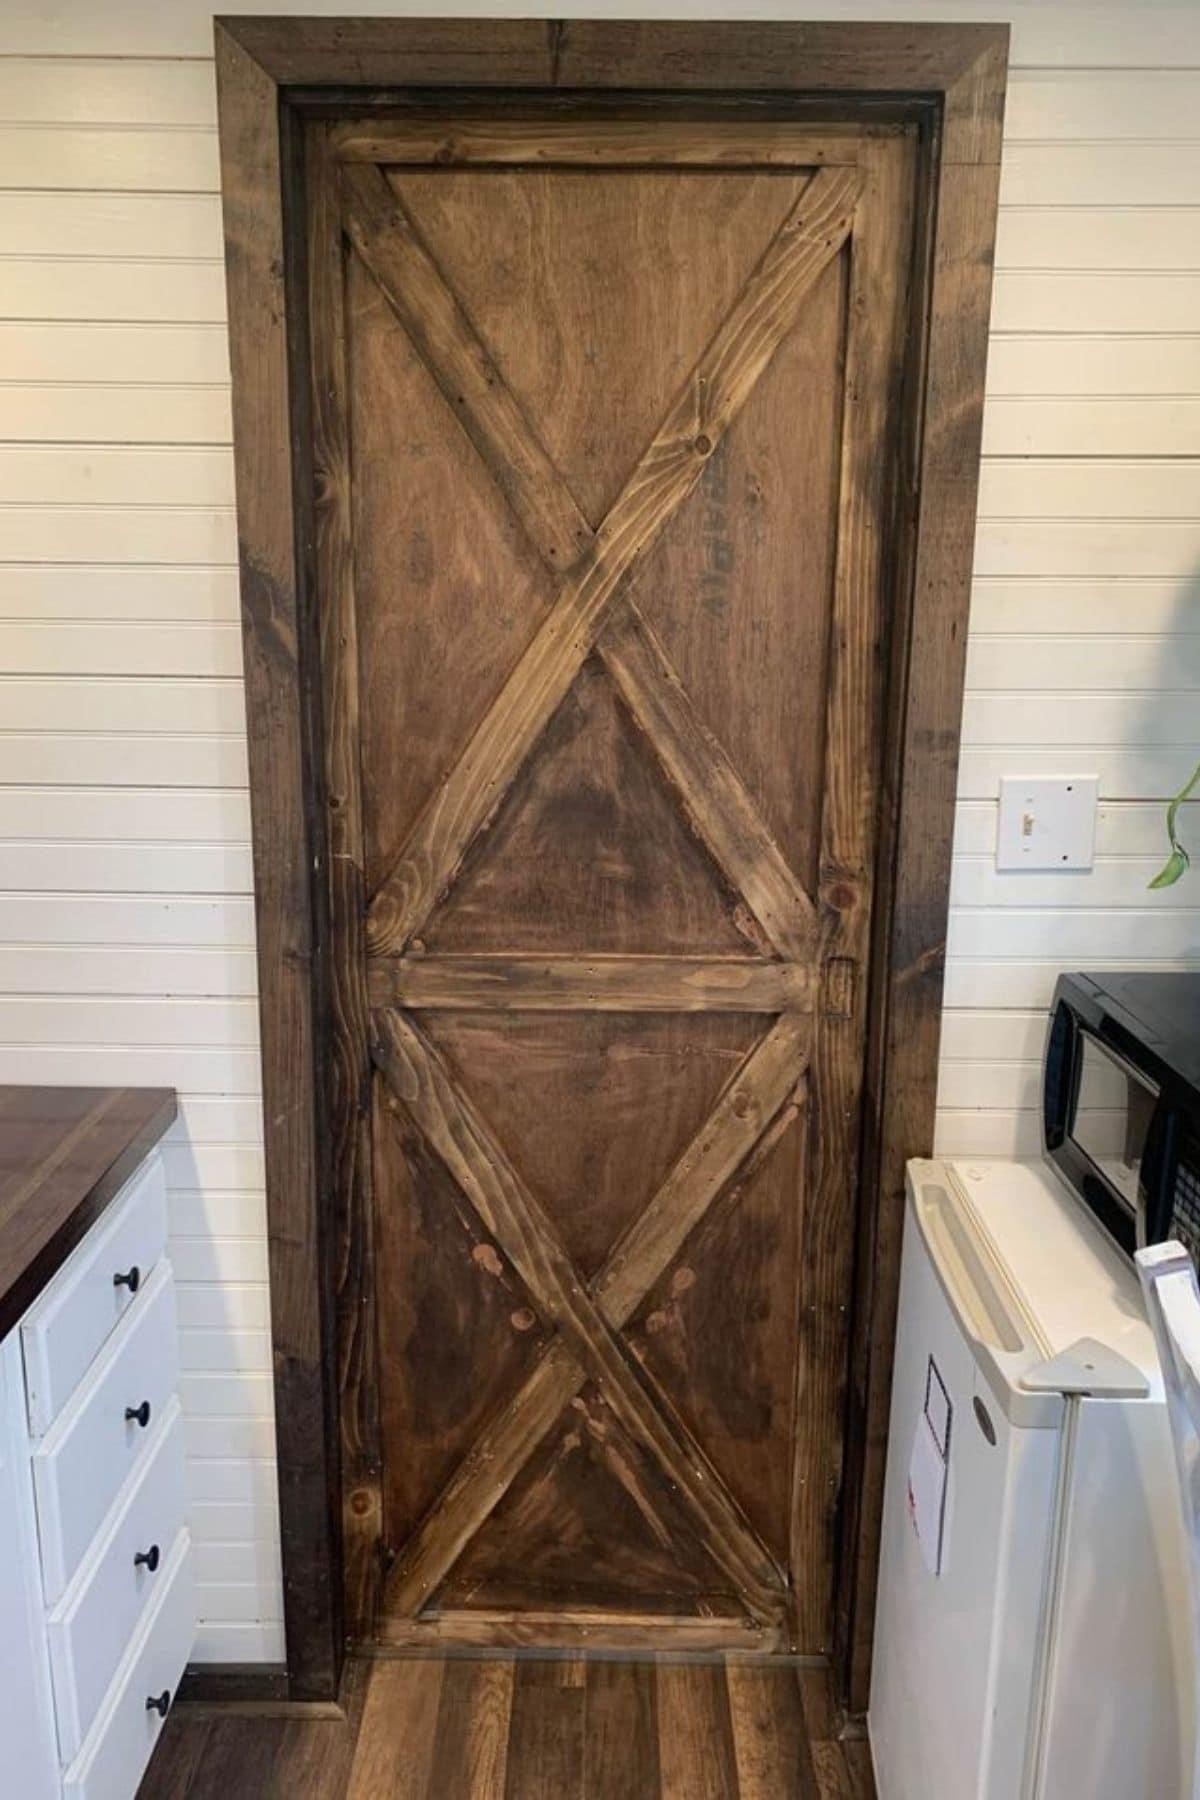 Reclaimed wood door to bathroom